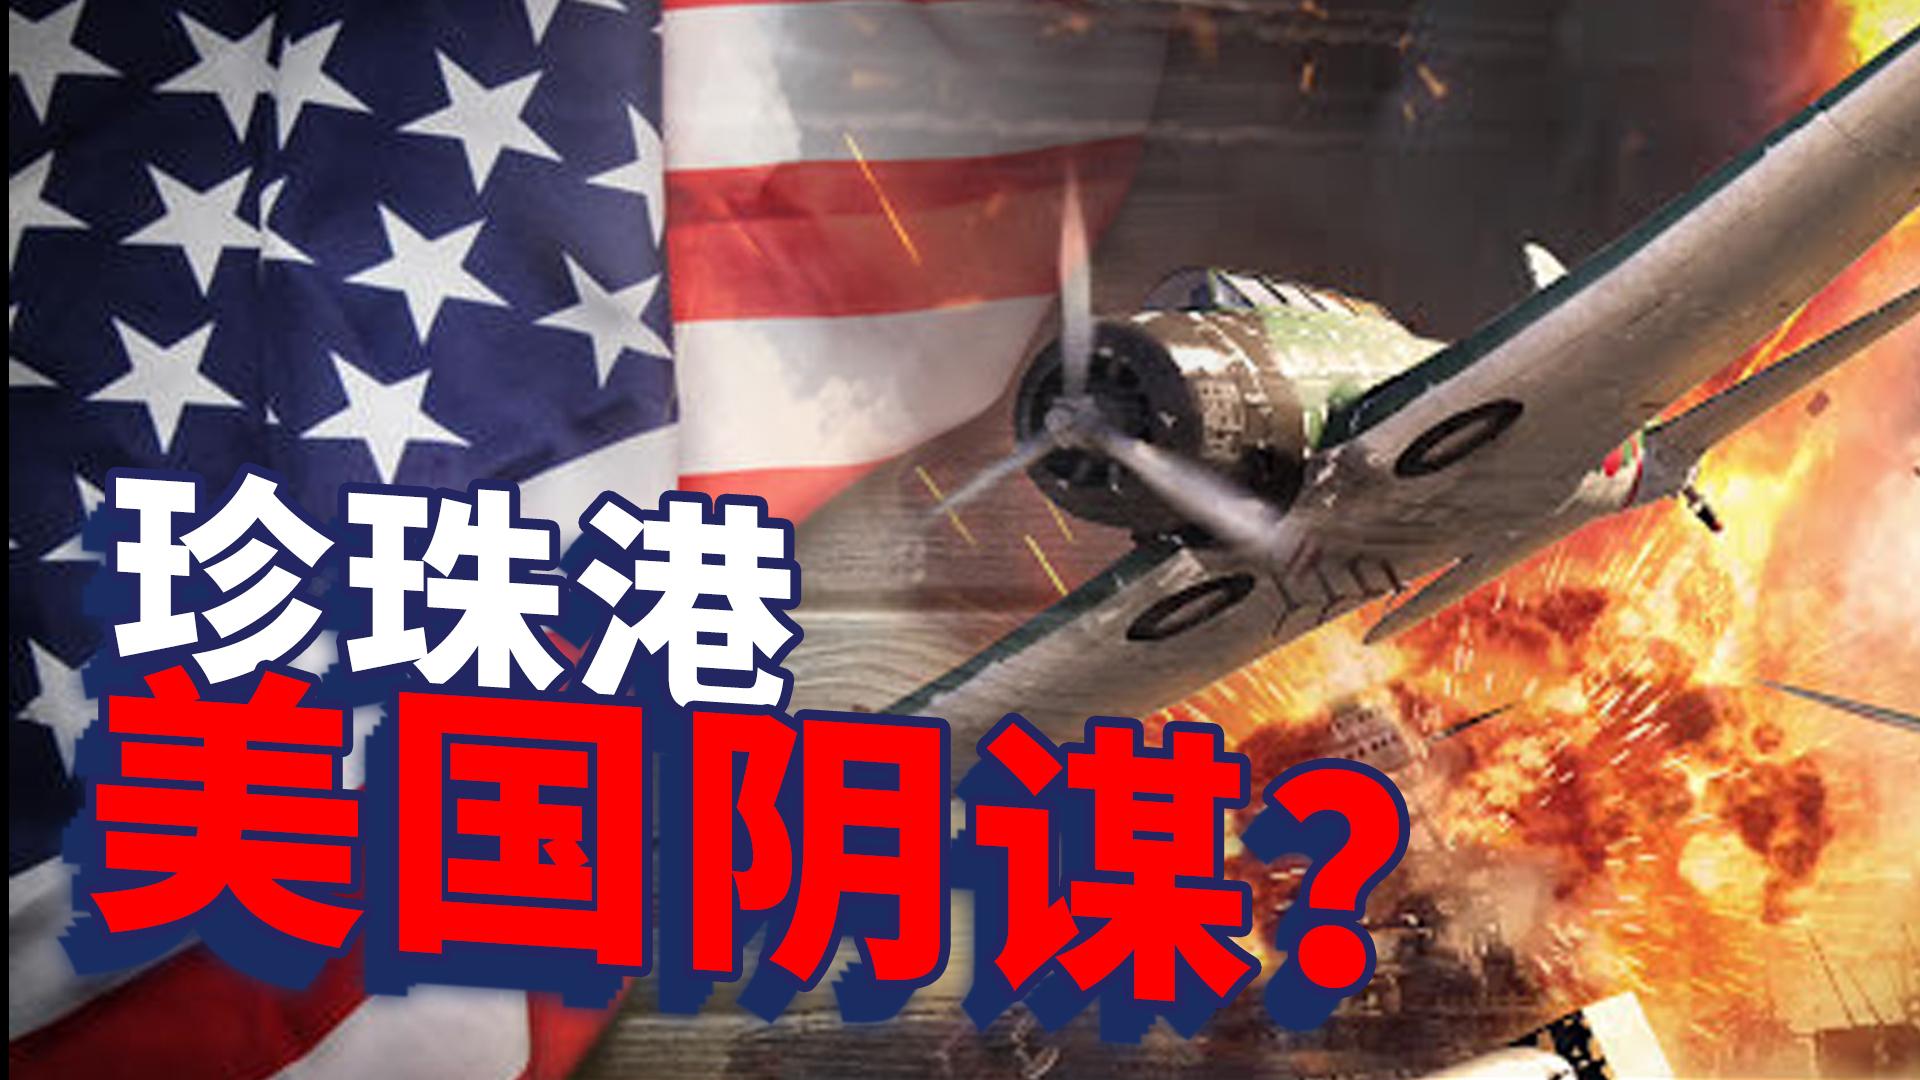 珍珠港事件是美国人的阴谋吗?不,是日本的必然选择